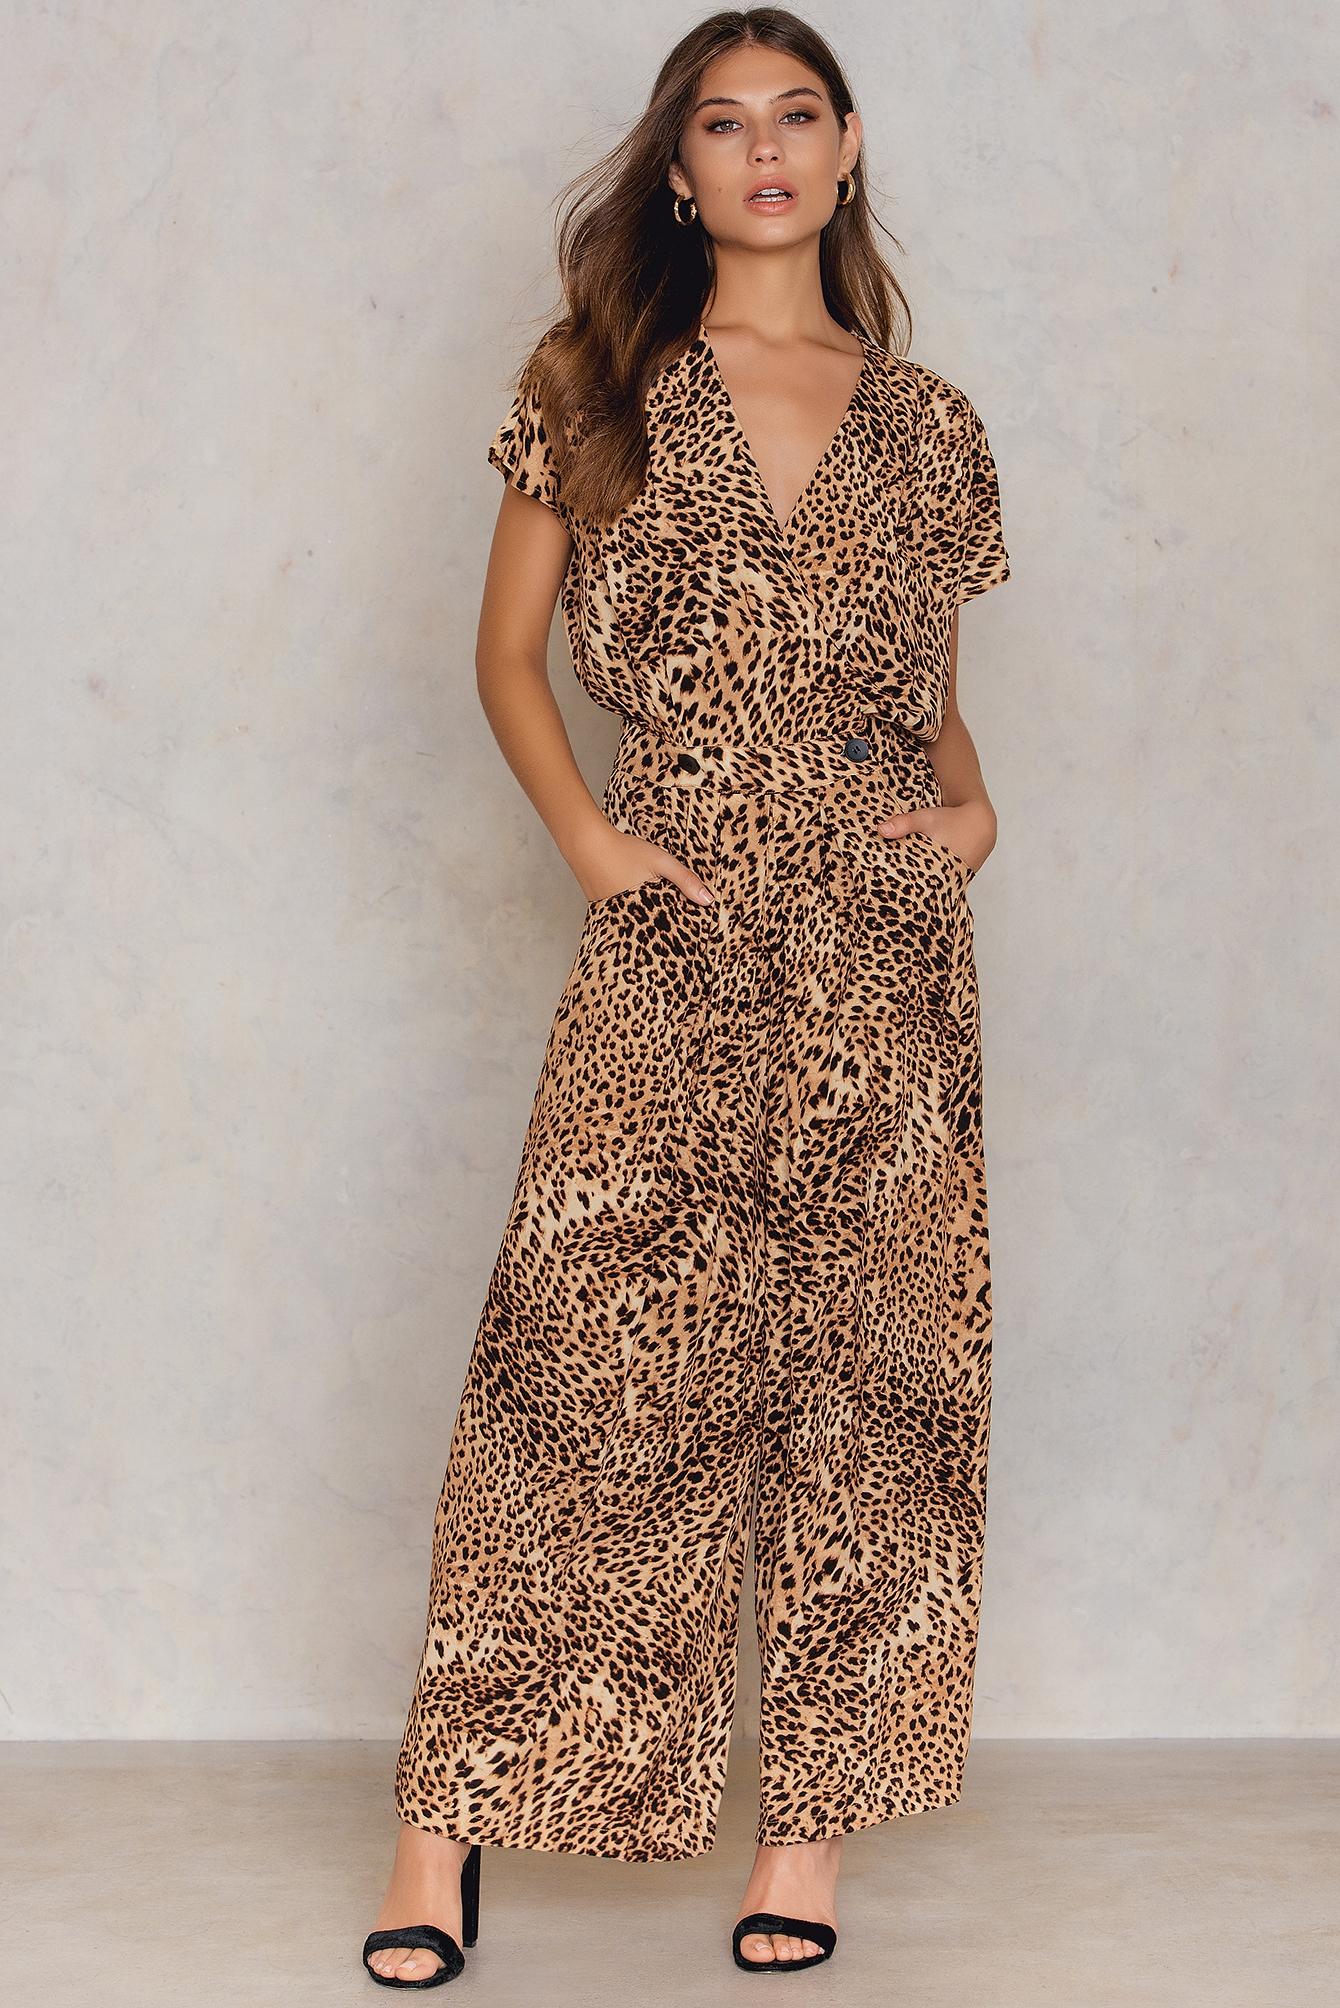 Gestuz Leopard Long Dress